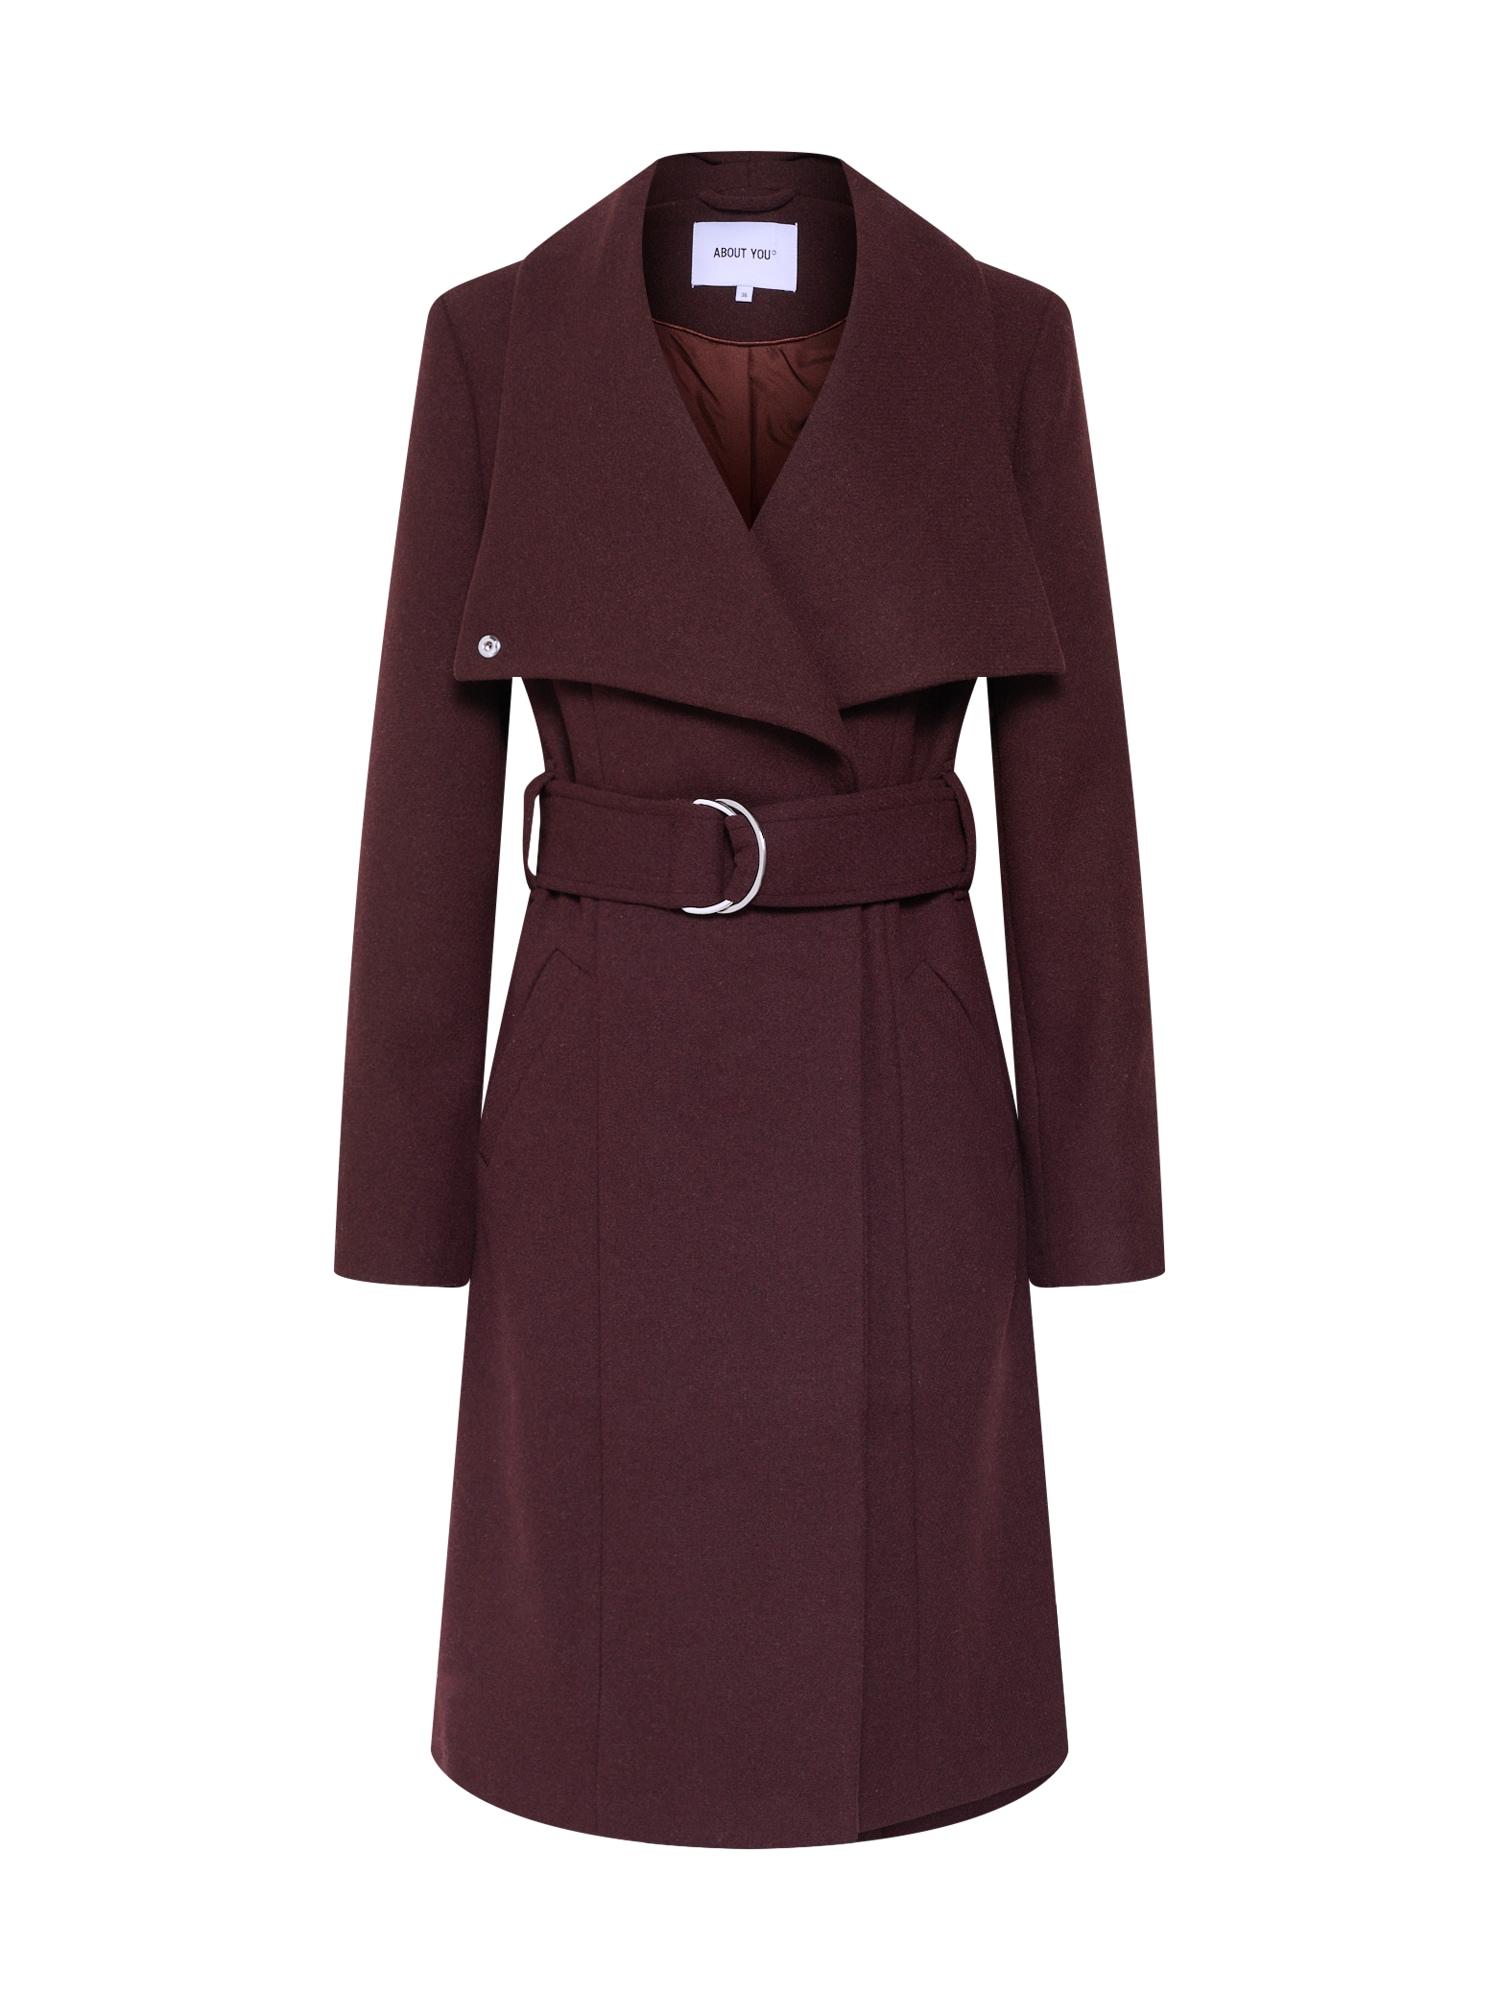 ABOUT YOU Rudeninis-žieminis paltas 'Alma' ruda